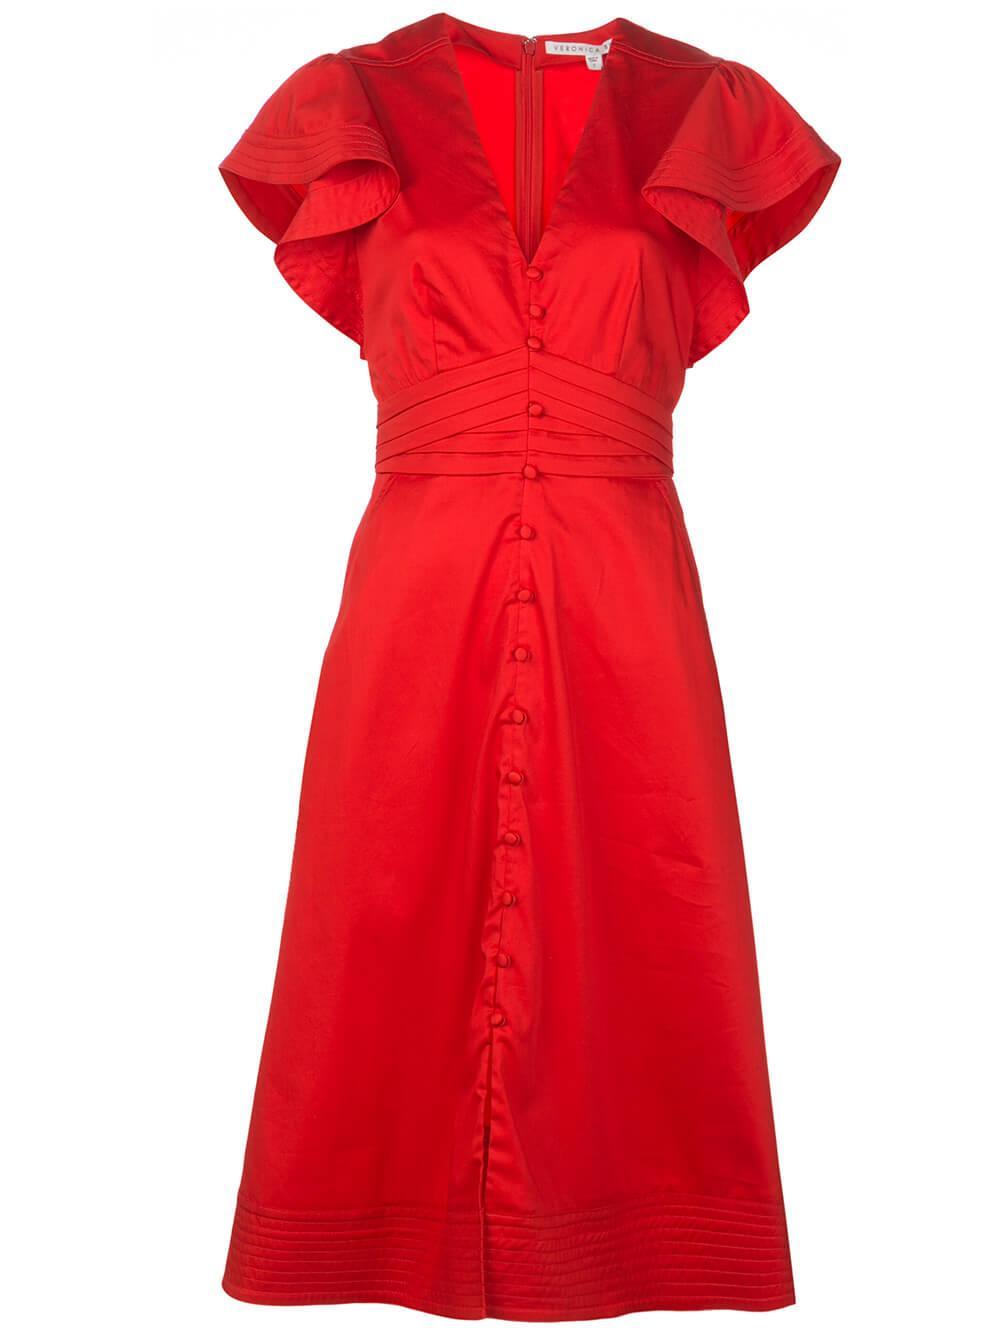 Sada Ruffle Sleeve Shirt Dress Item # 2001PO0072787